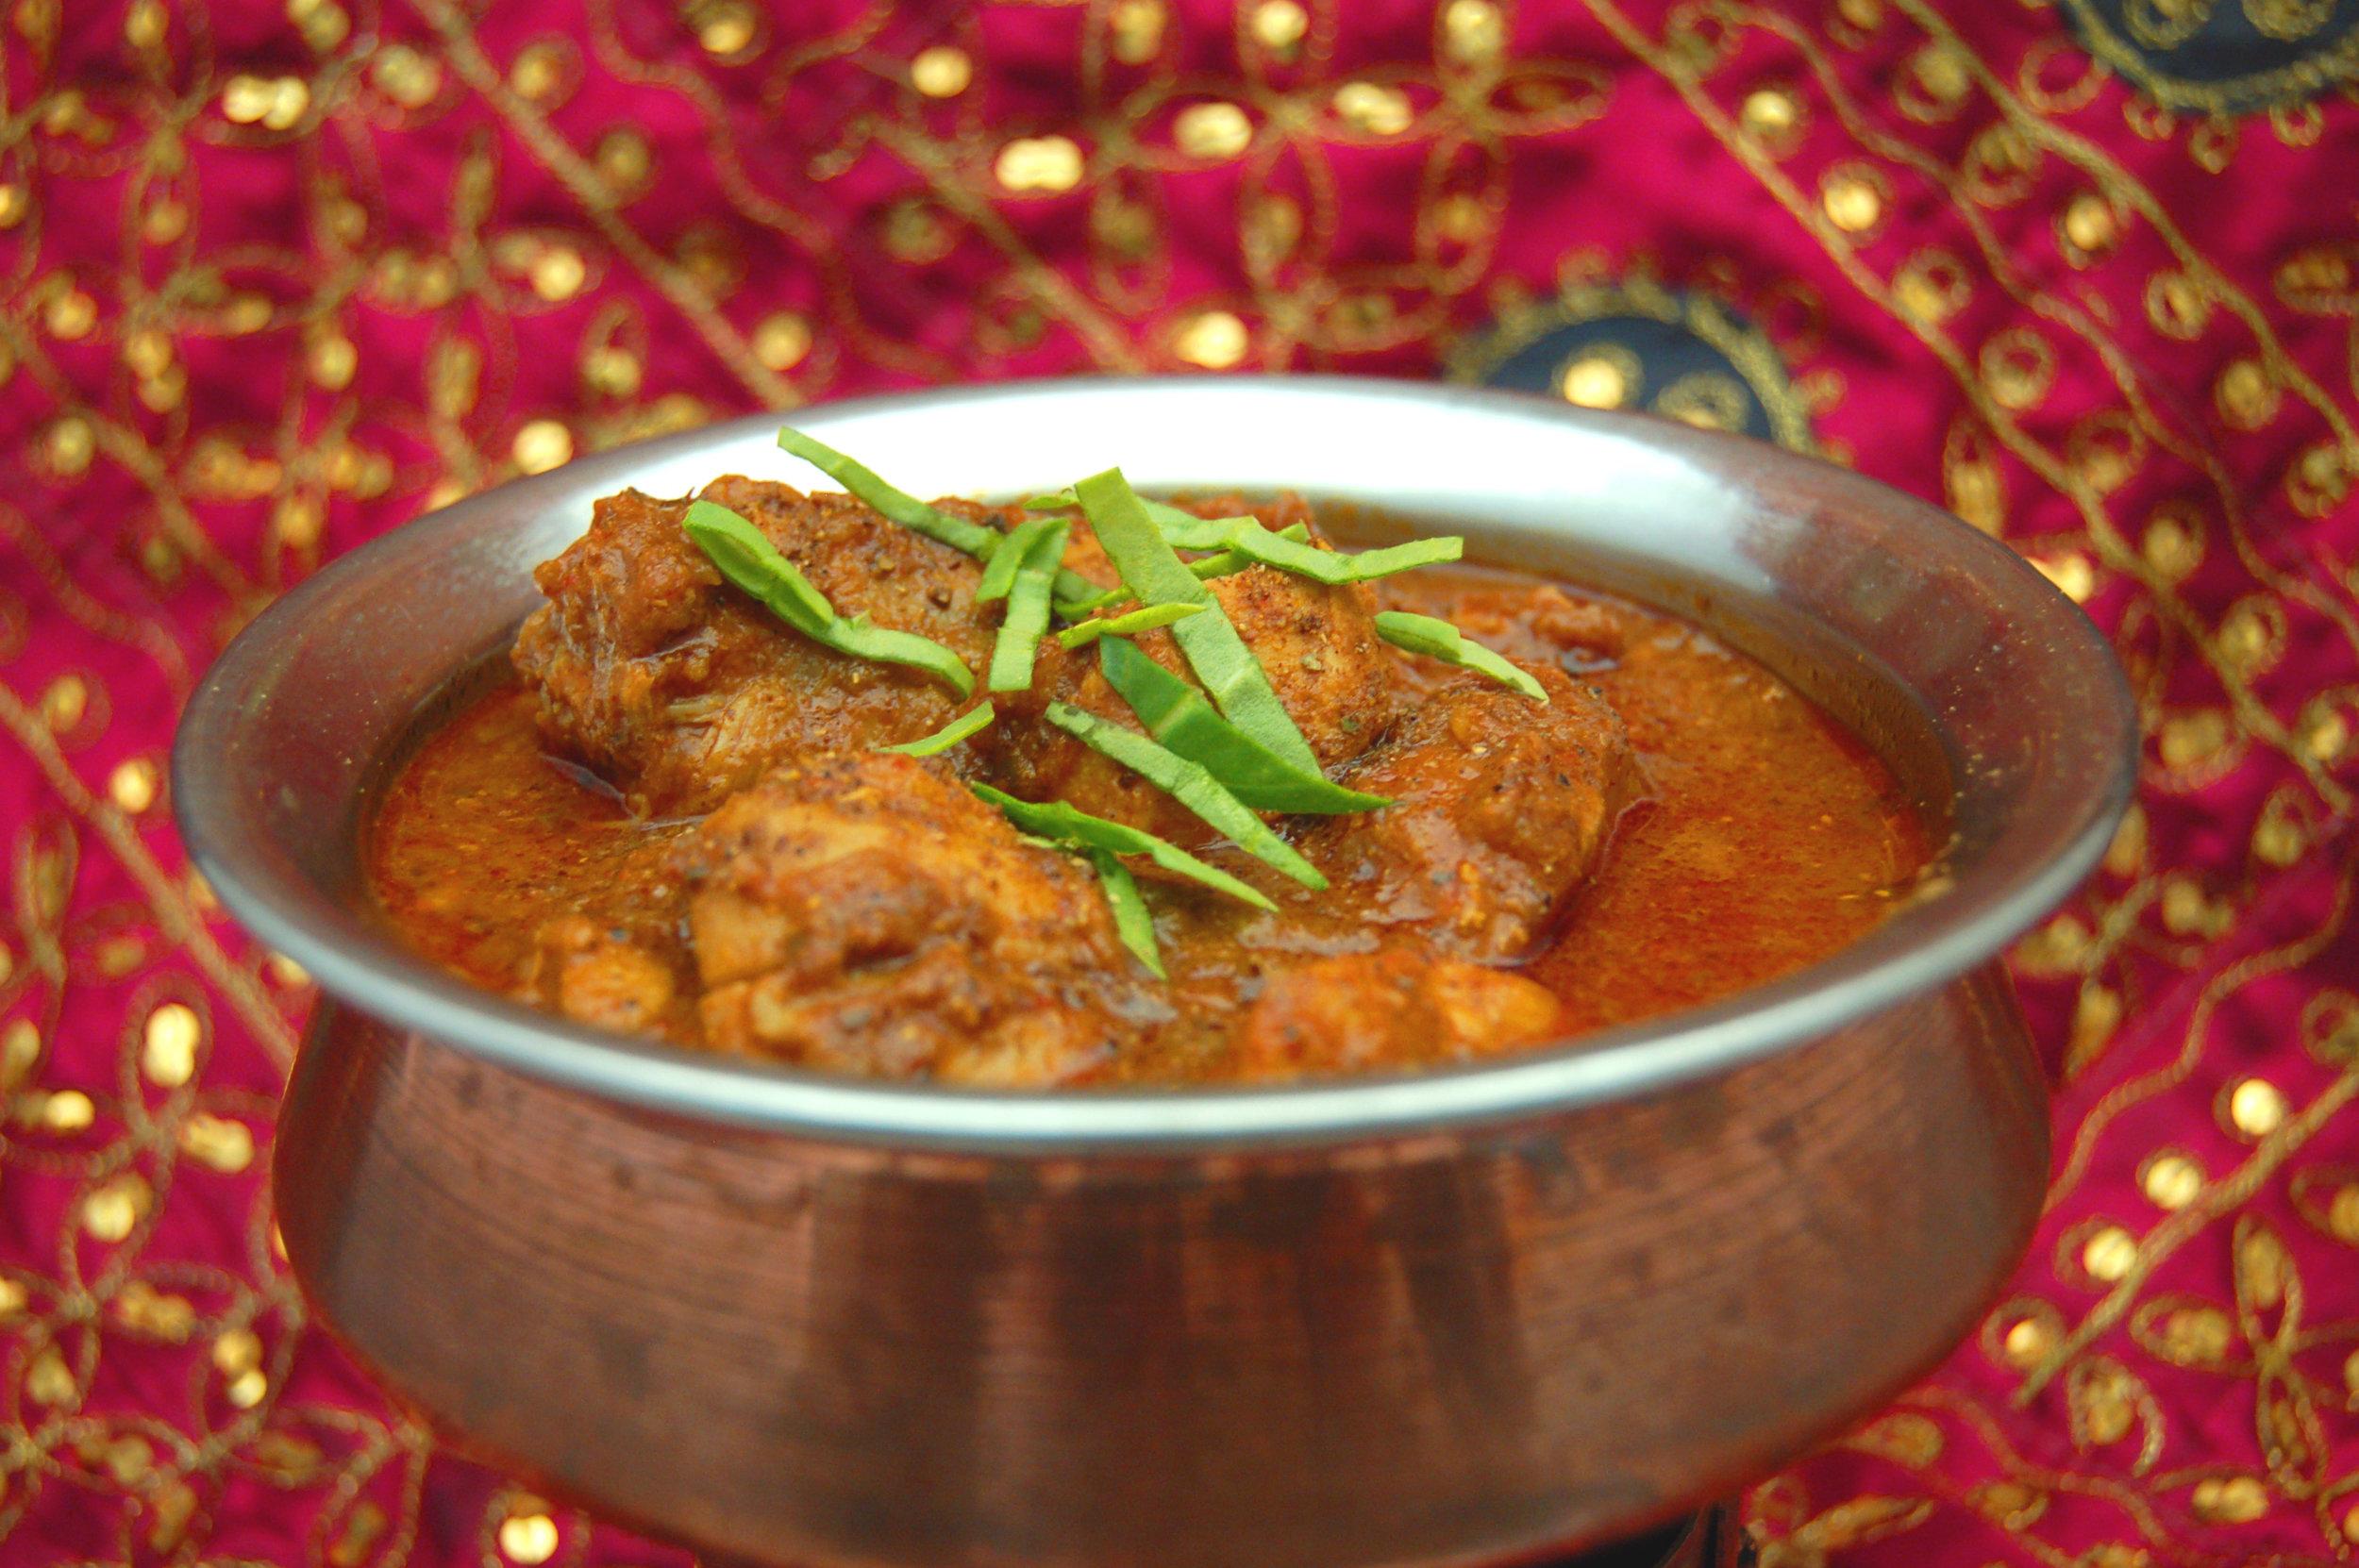 POULET de MADRAS - {Madras Masala Arvinda's}Ce cari de la région de Madras se distingue d'autres plats similaires par l'utilisation de graines de moutarde et de piment.